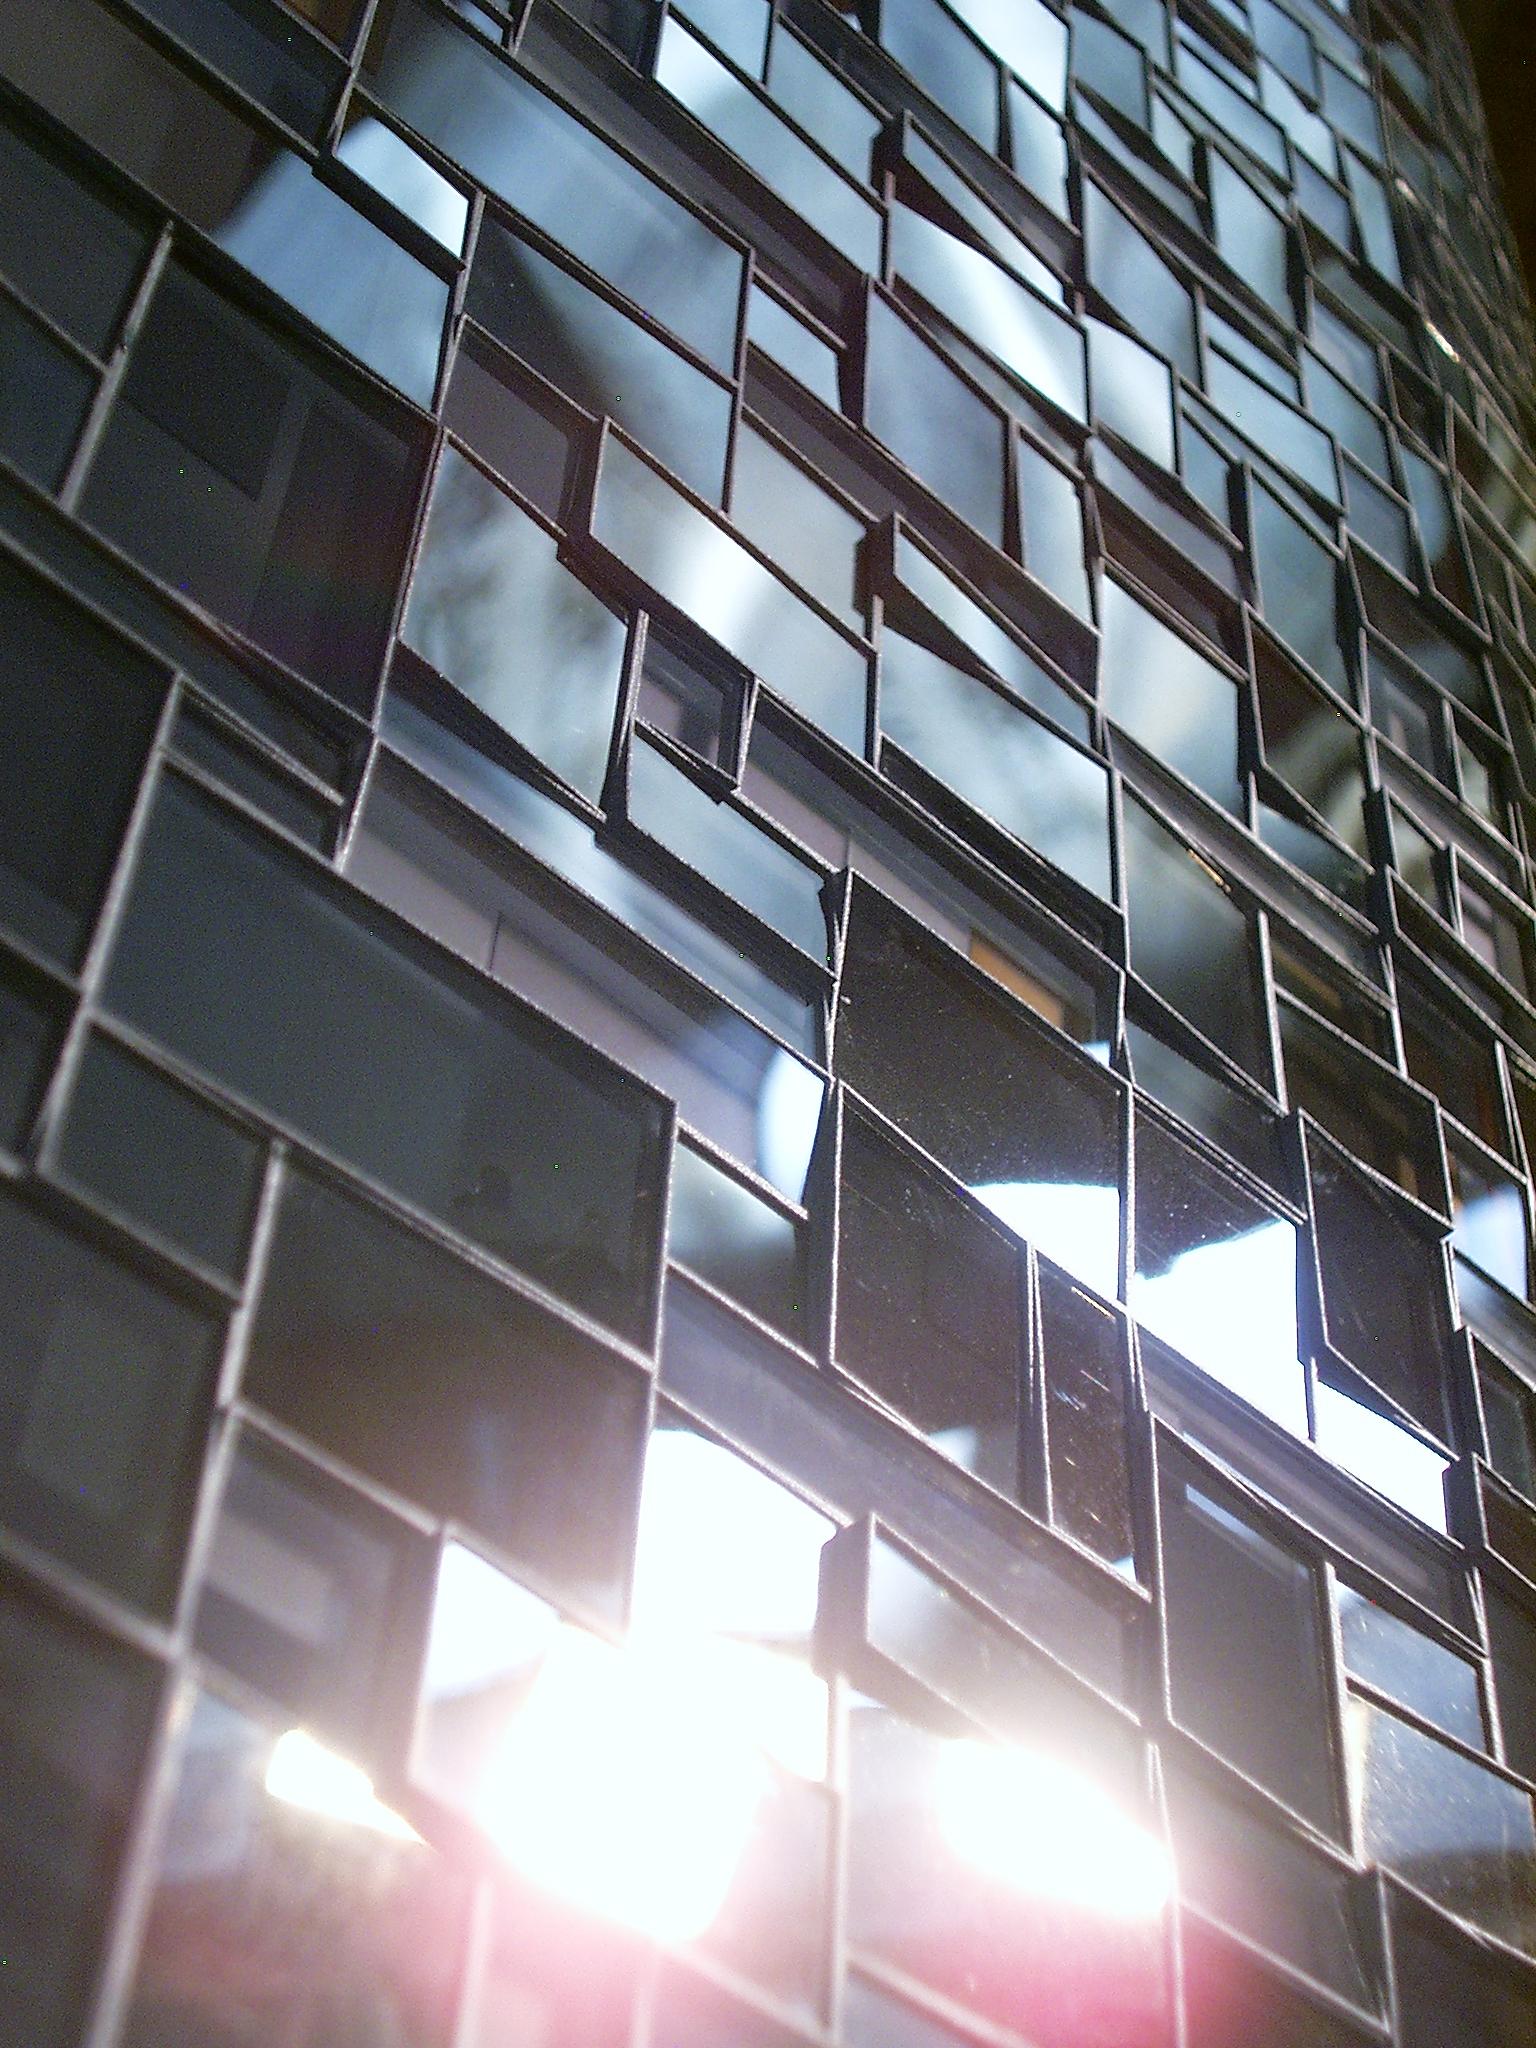 facade02 - Copy